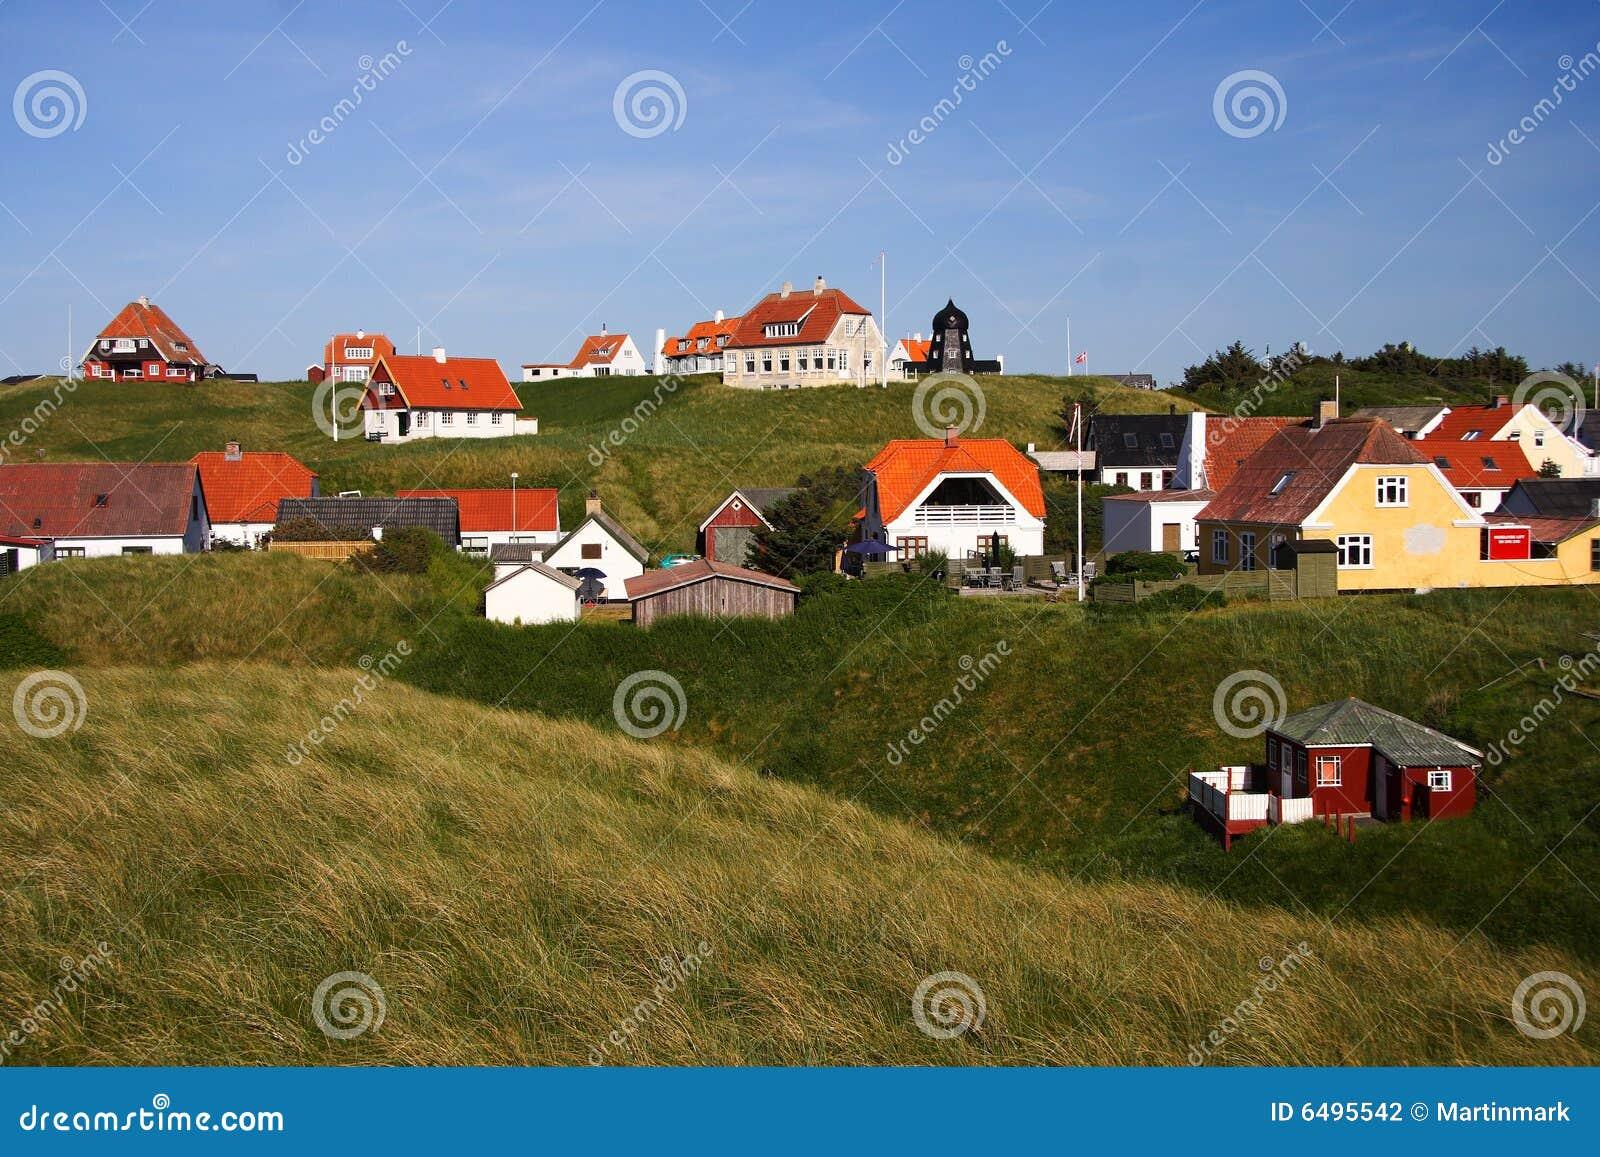 Denmark hus